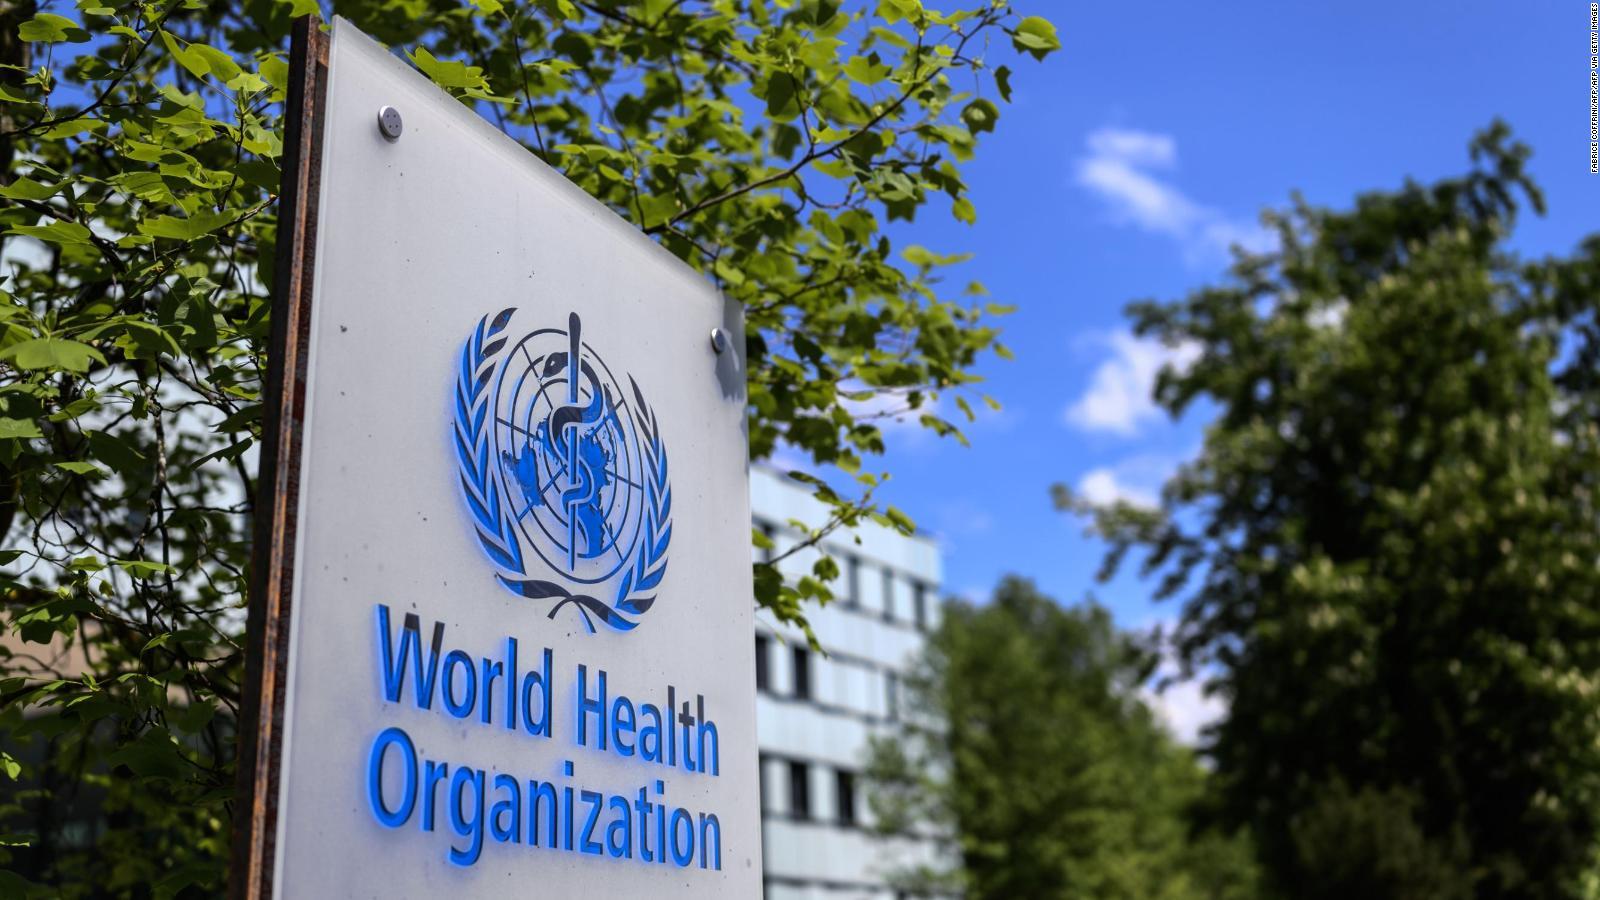 La OMS será investigada por su desempeño ante el surgimiento del  coronavirus y la pandemia - CNN Video